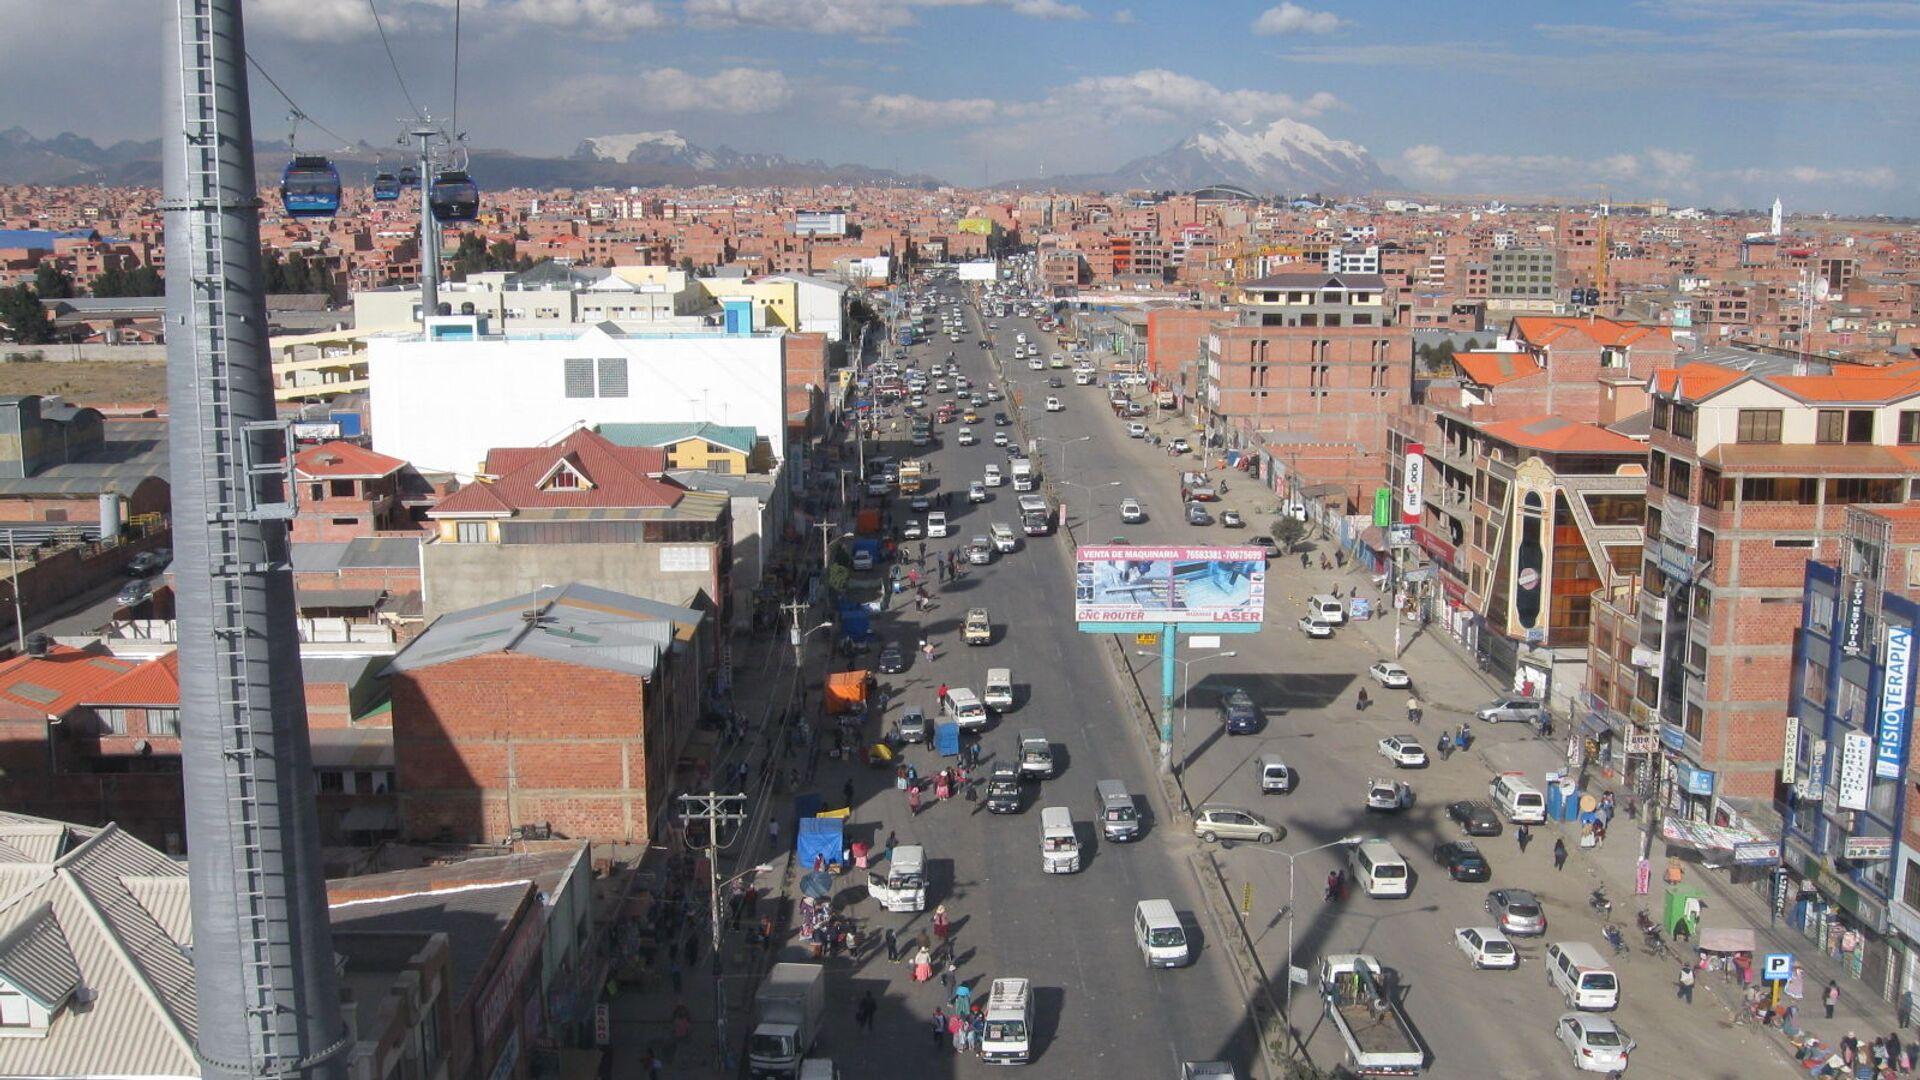 Una vista aérea de El Alto, Bolivia - Sputnik Mundo, 1920, 06.03.2021